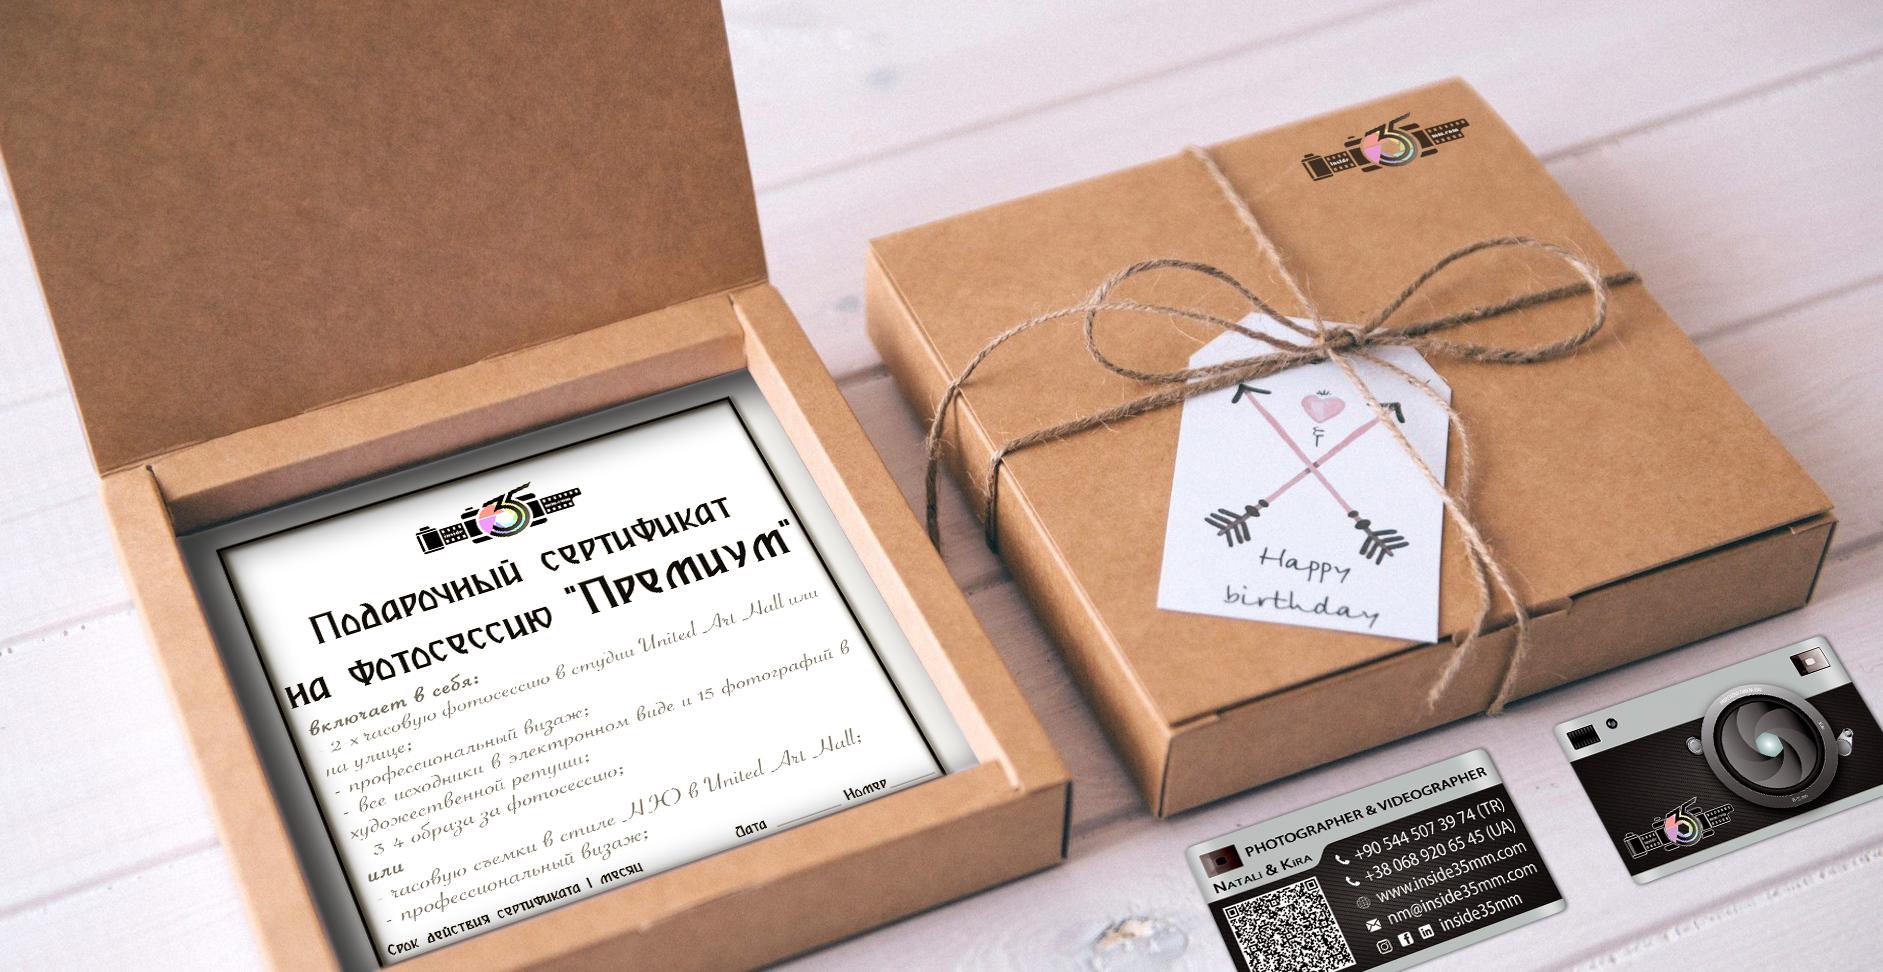 купить подарочный сертификат на фотосессию в Харькове в красивой коробке, узнать цену сертификатов